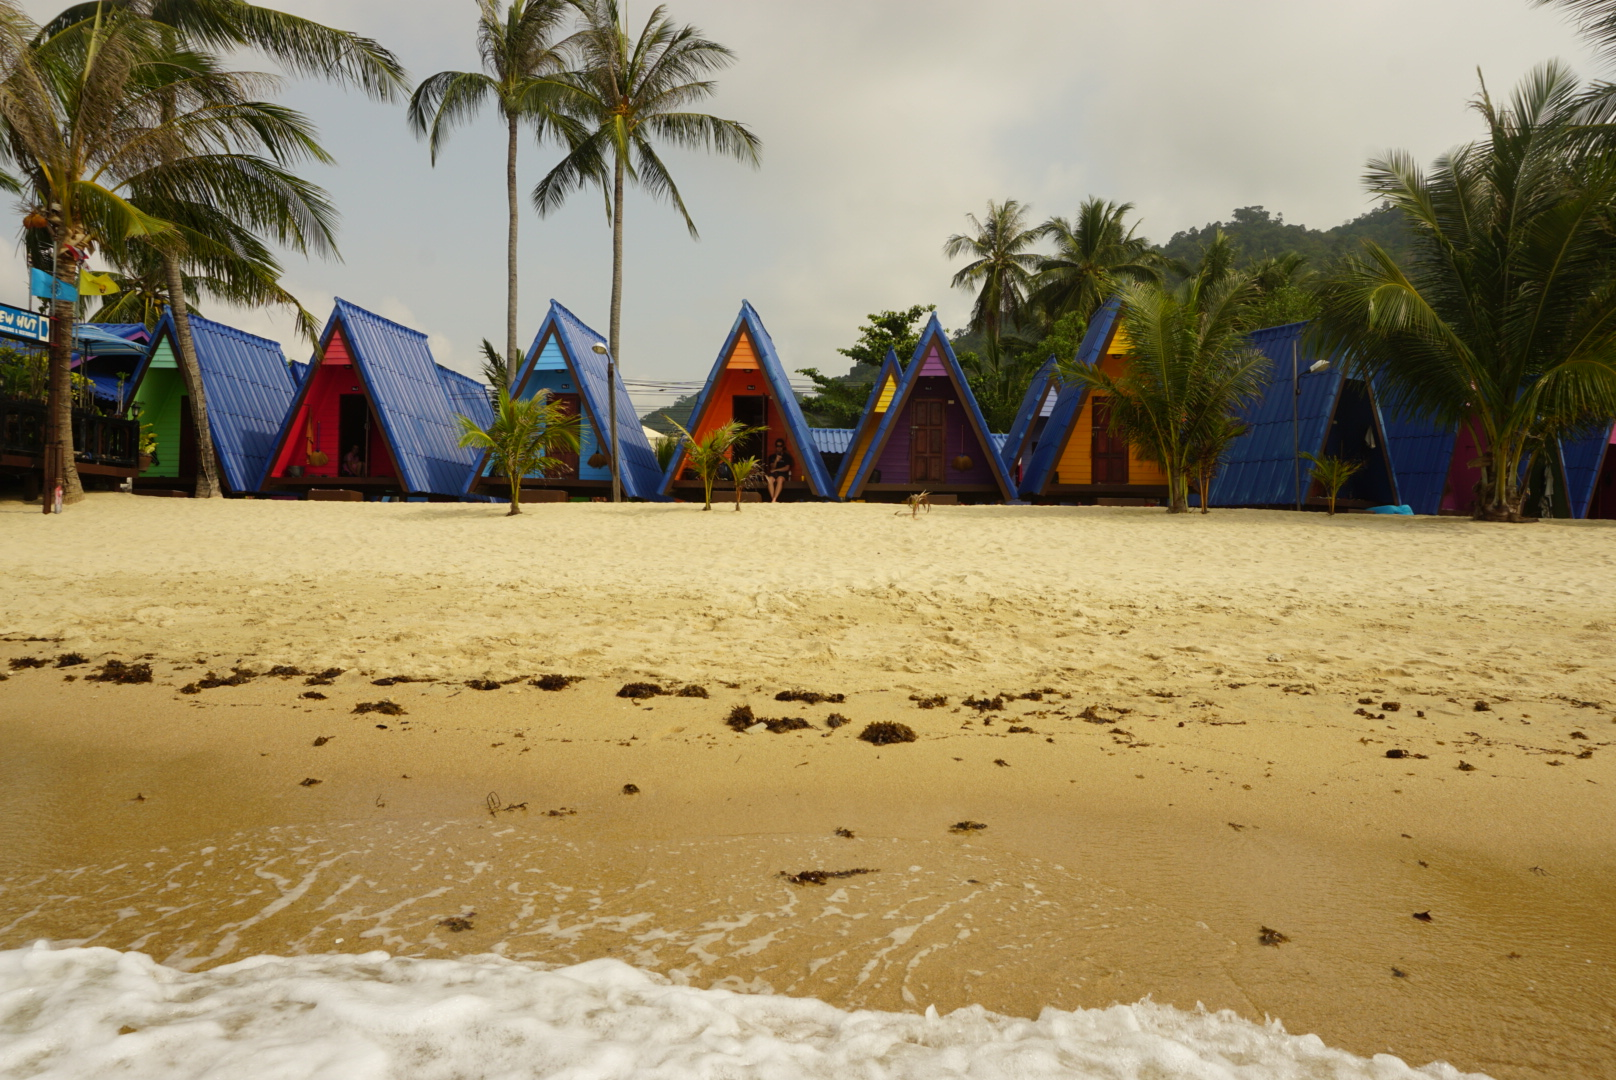 Our cute beach bungalow